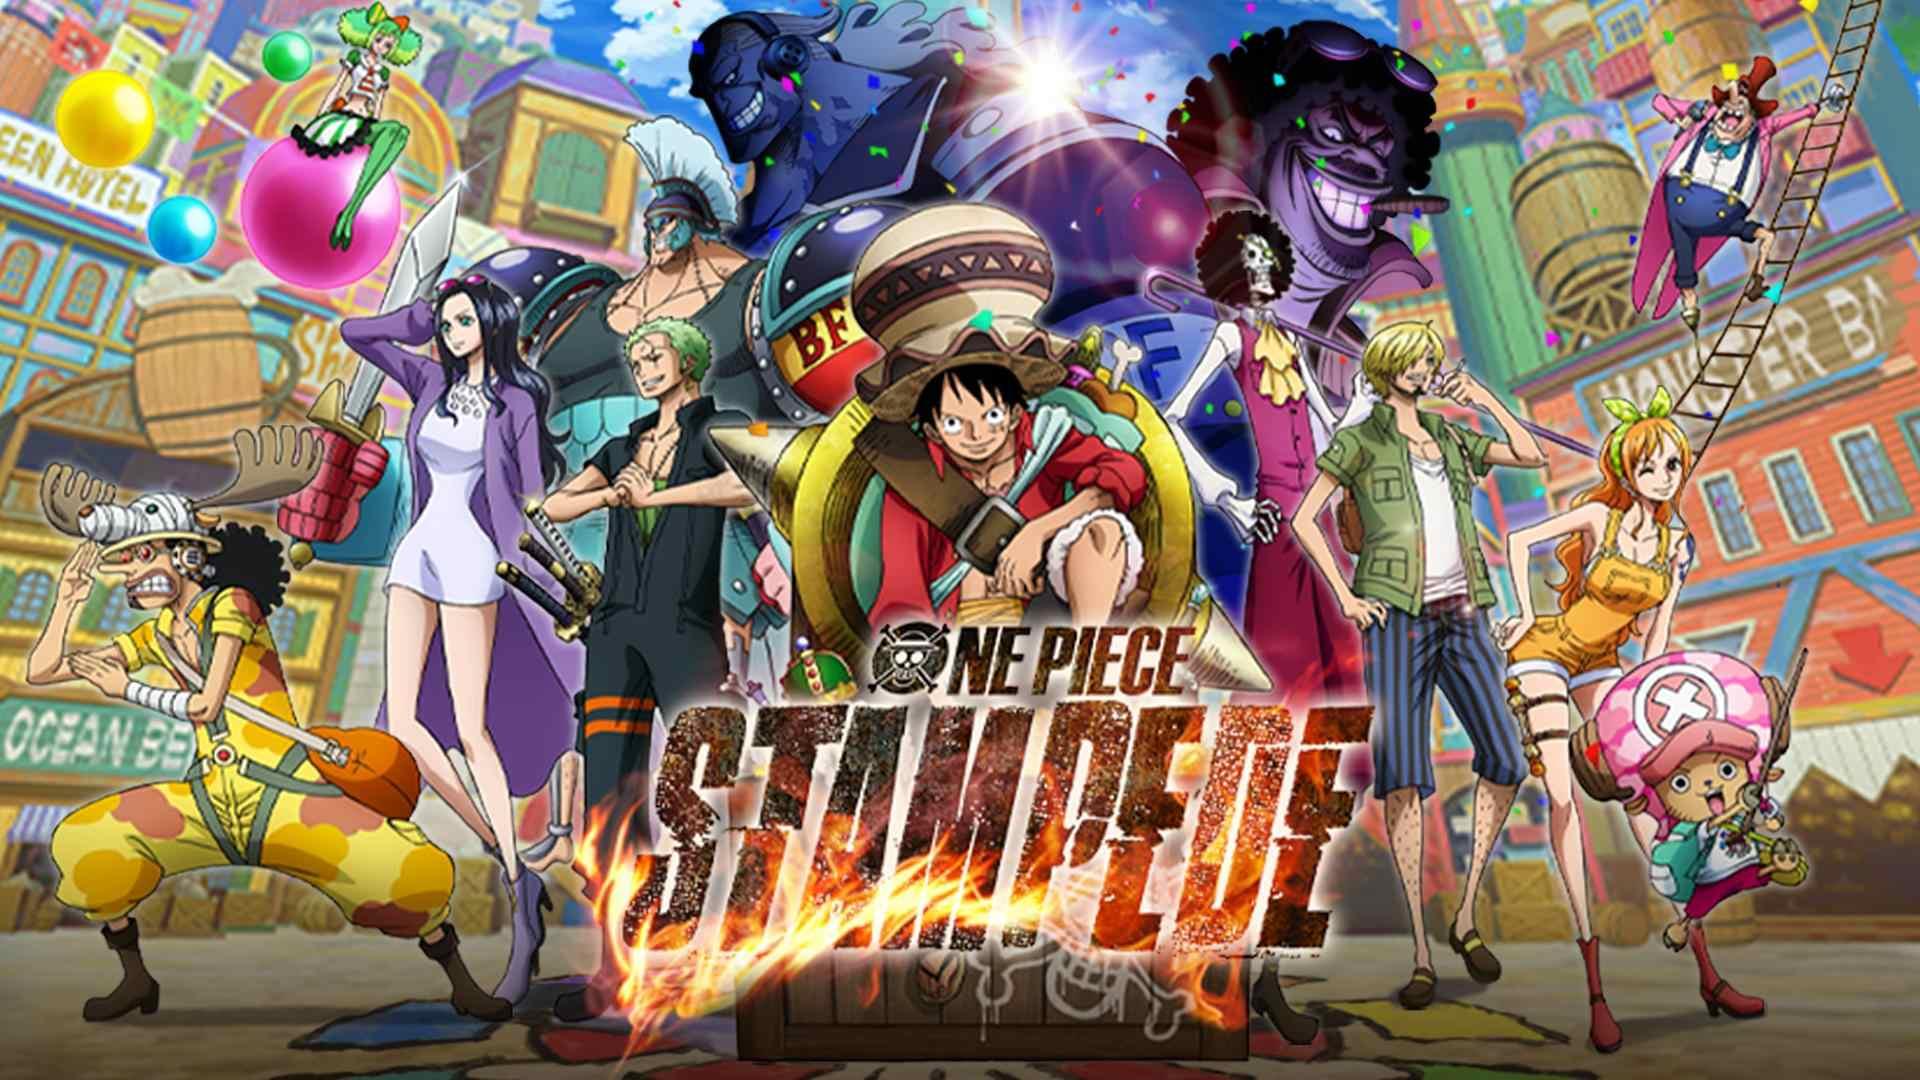 One-Piece-Movie-14-Stampede-baner.jpg